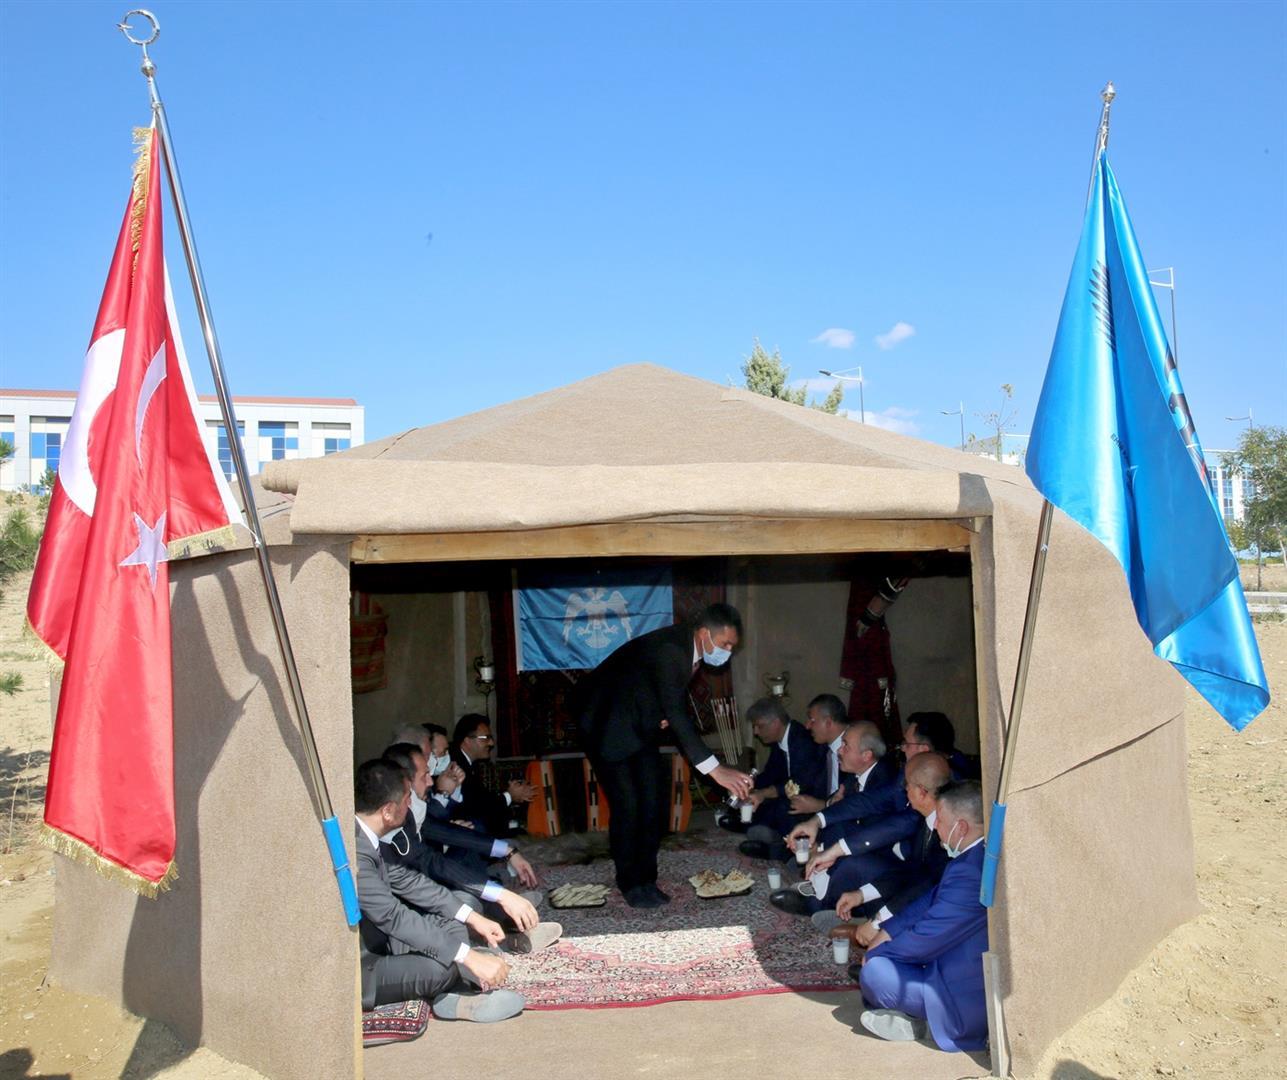 ÇAKÜ'de Ahilik Haftası Selçuklu Otağı Oba Çadırında Kutlandı